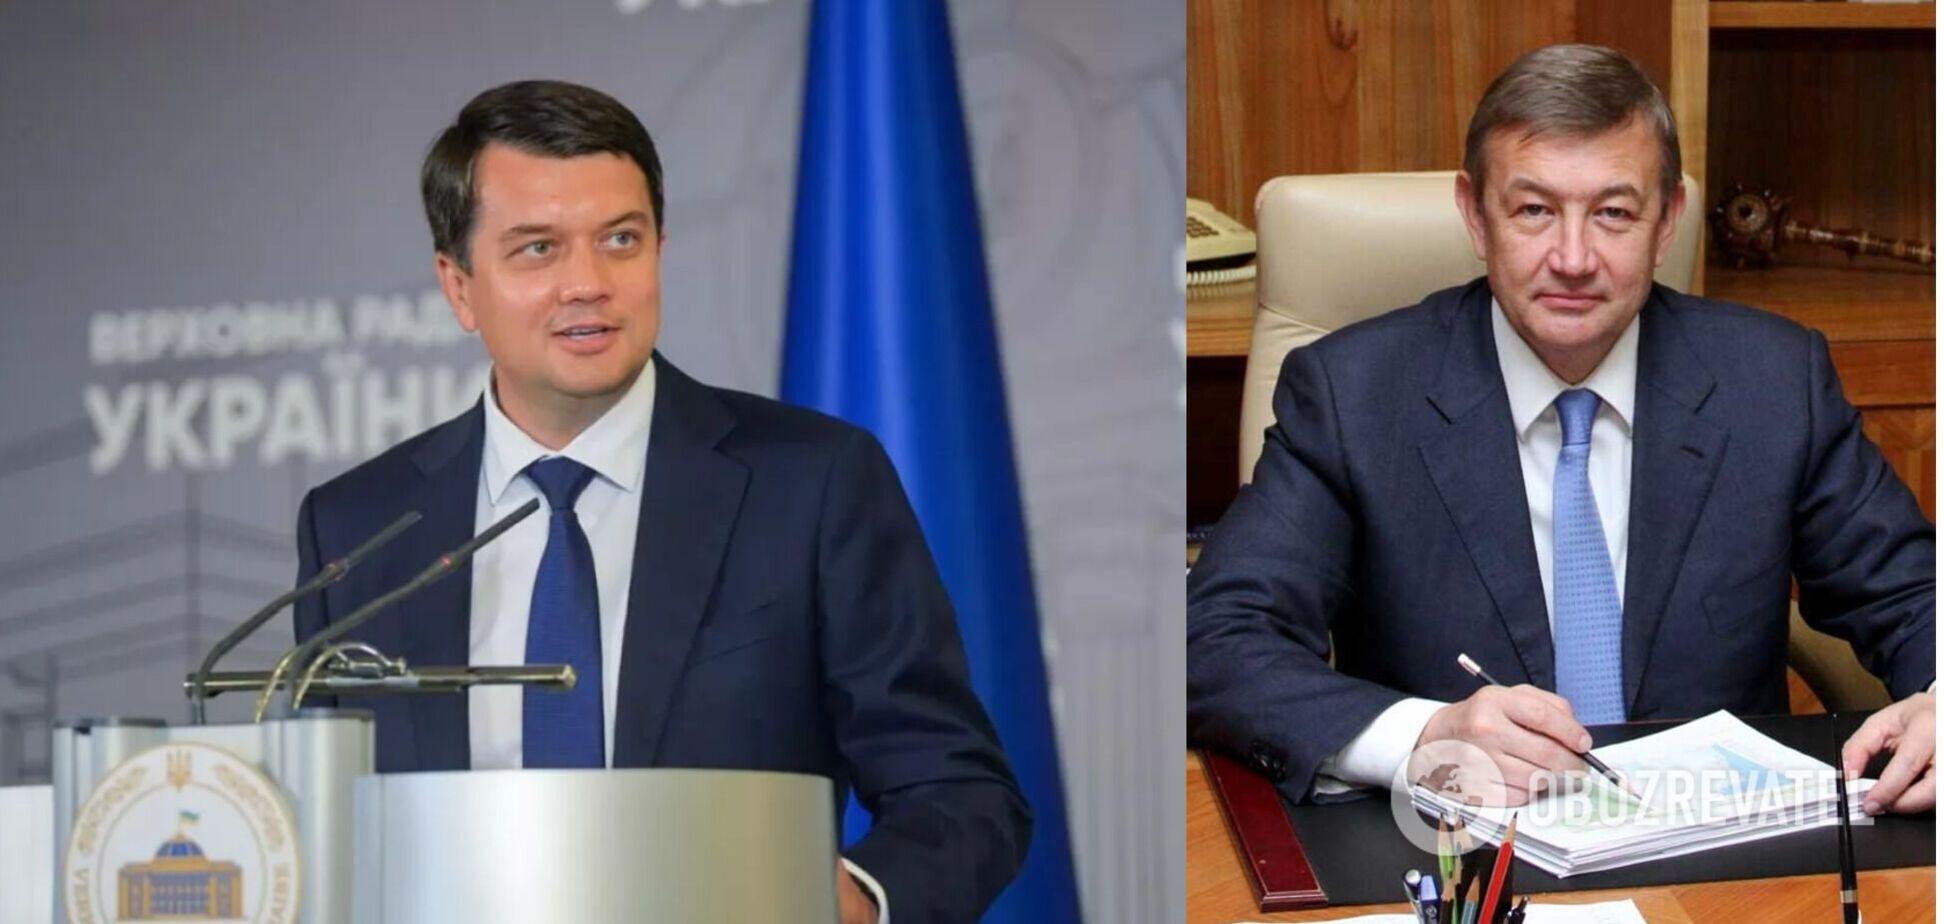 Разумков взял советника, который поддерживал 'Беркут' и носил георгиевскую ленточку